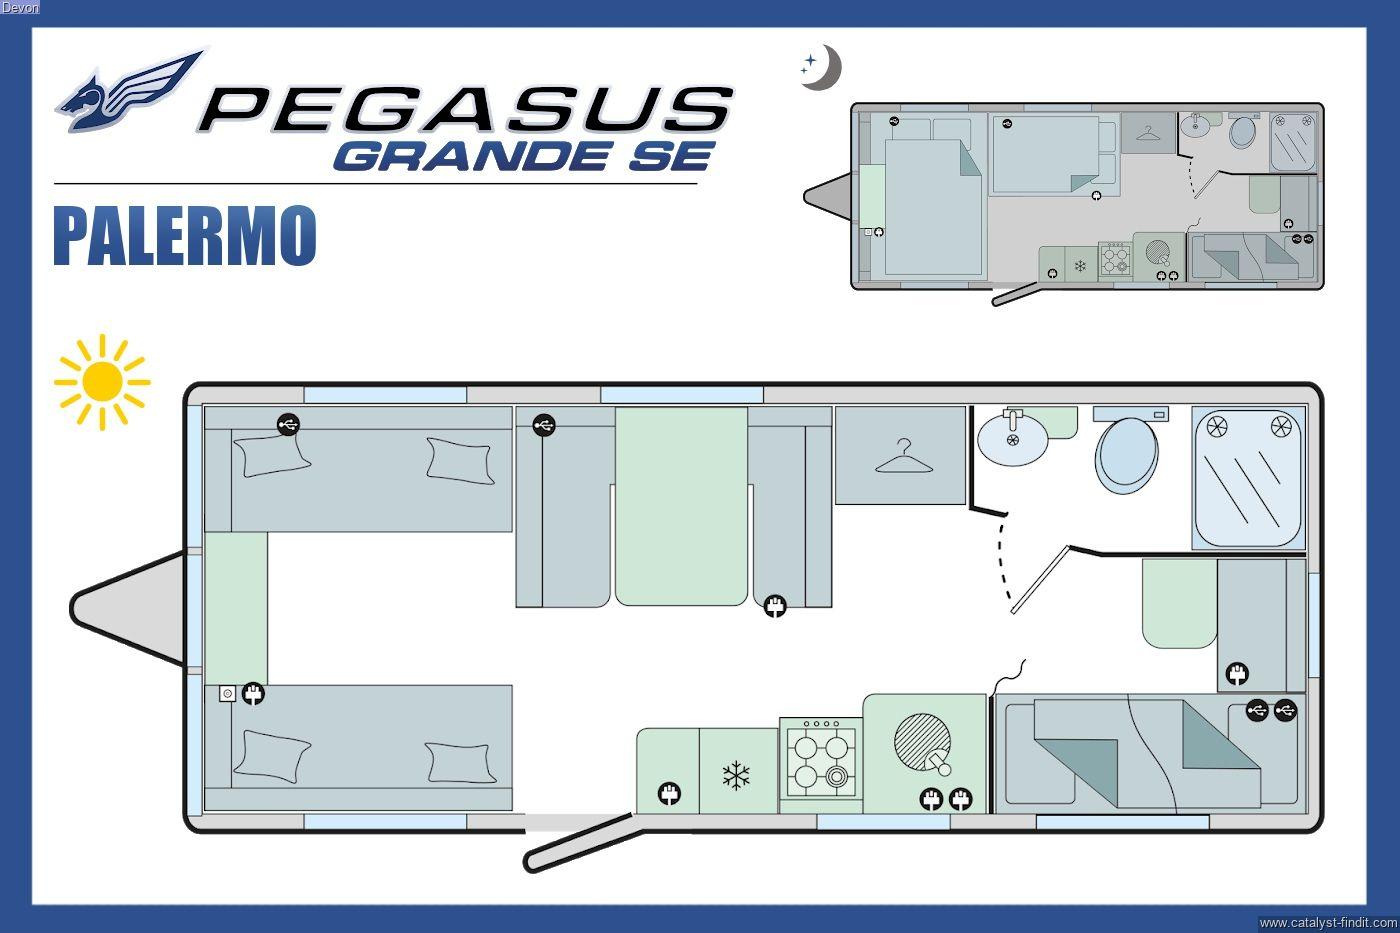 Bailey Pegasus Grande SE Palermo 2022